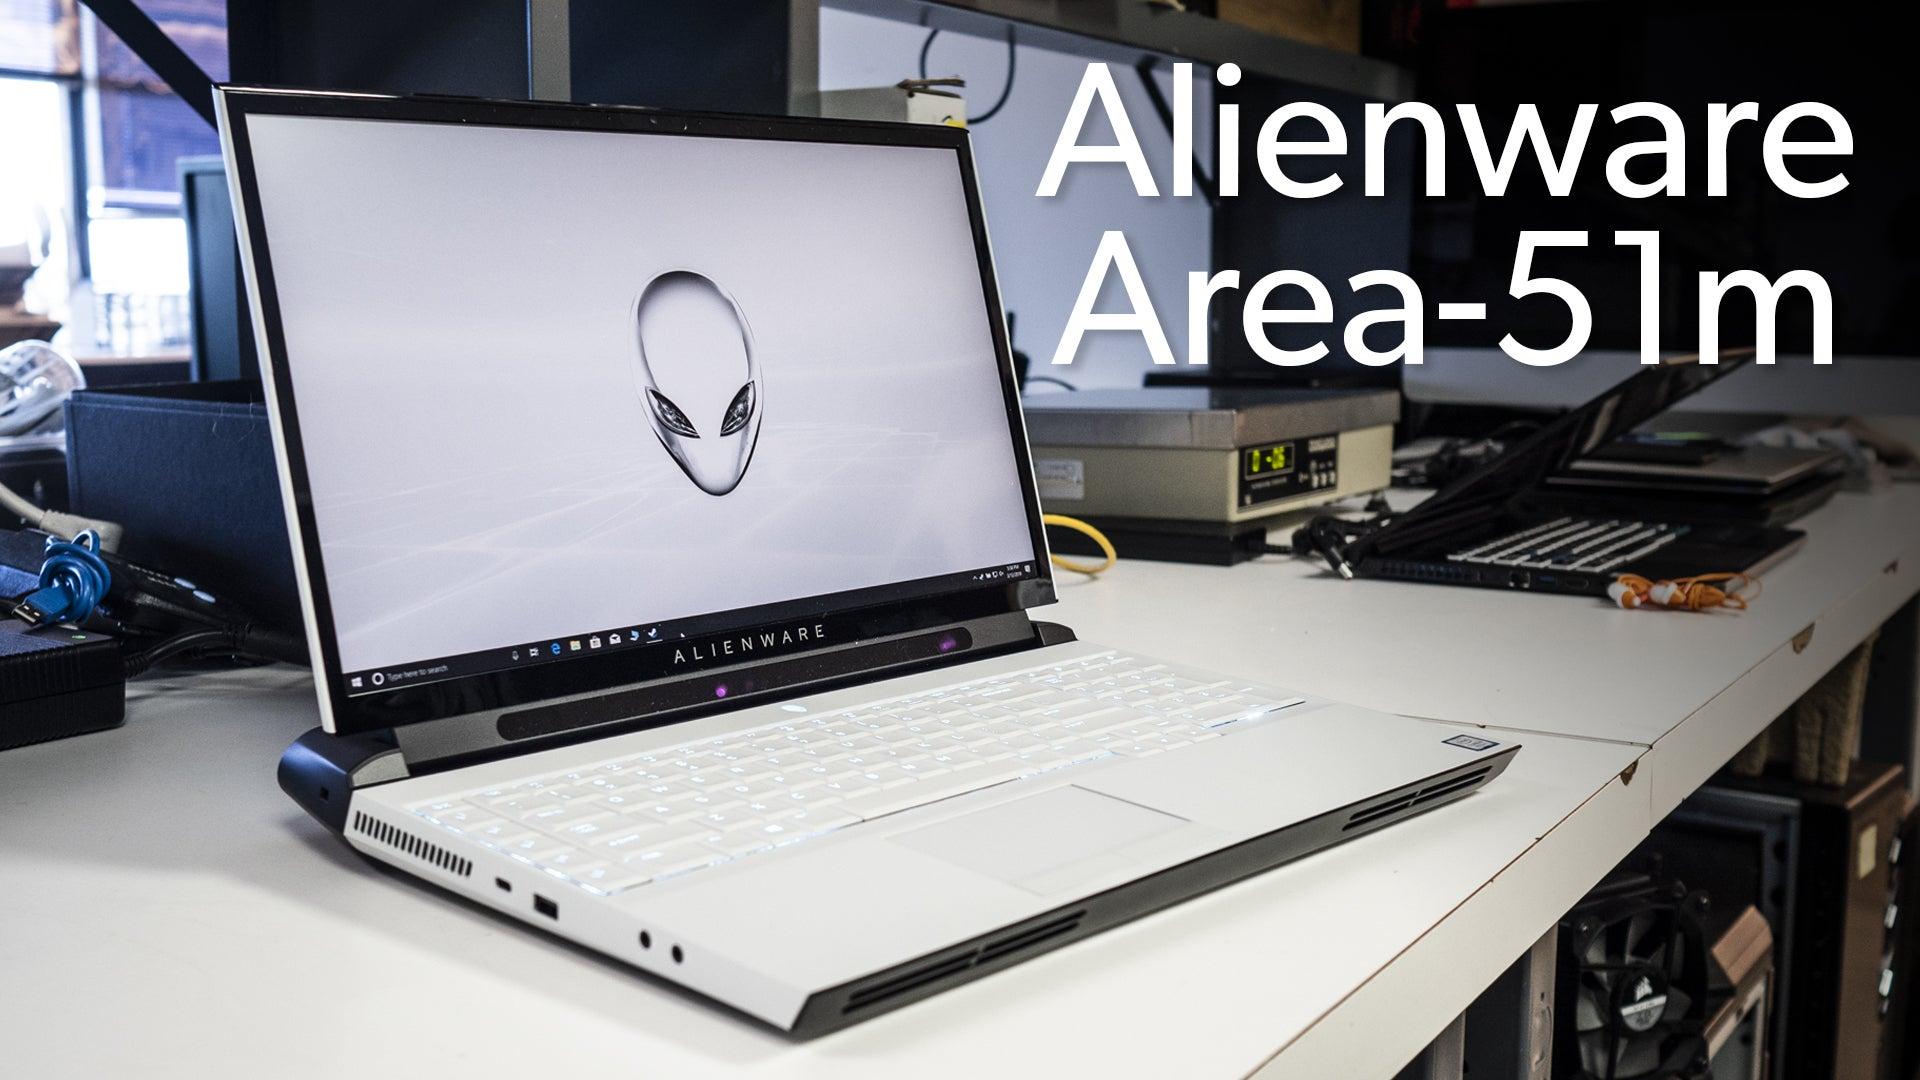 Alienware Area-51m